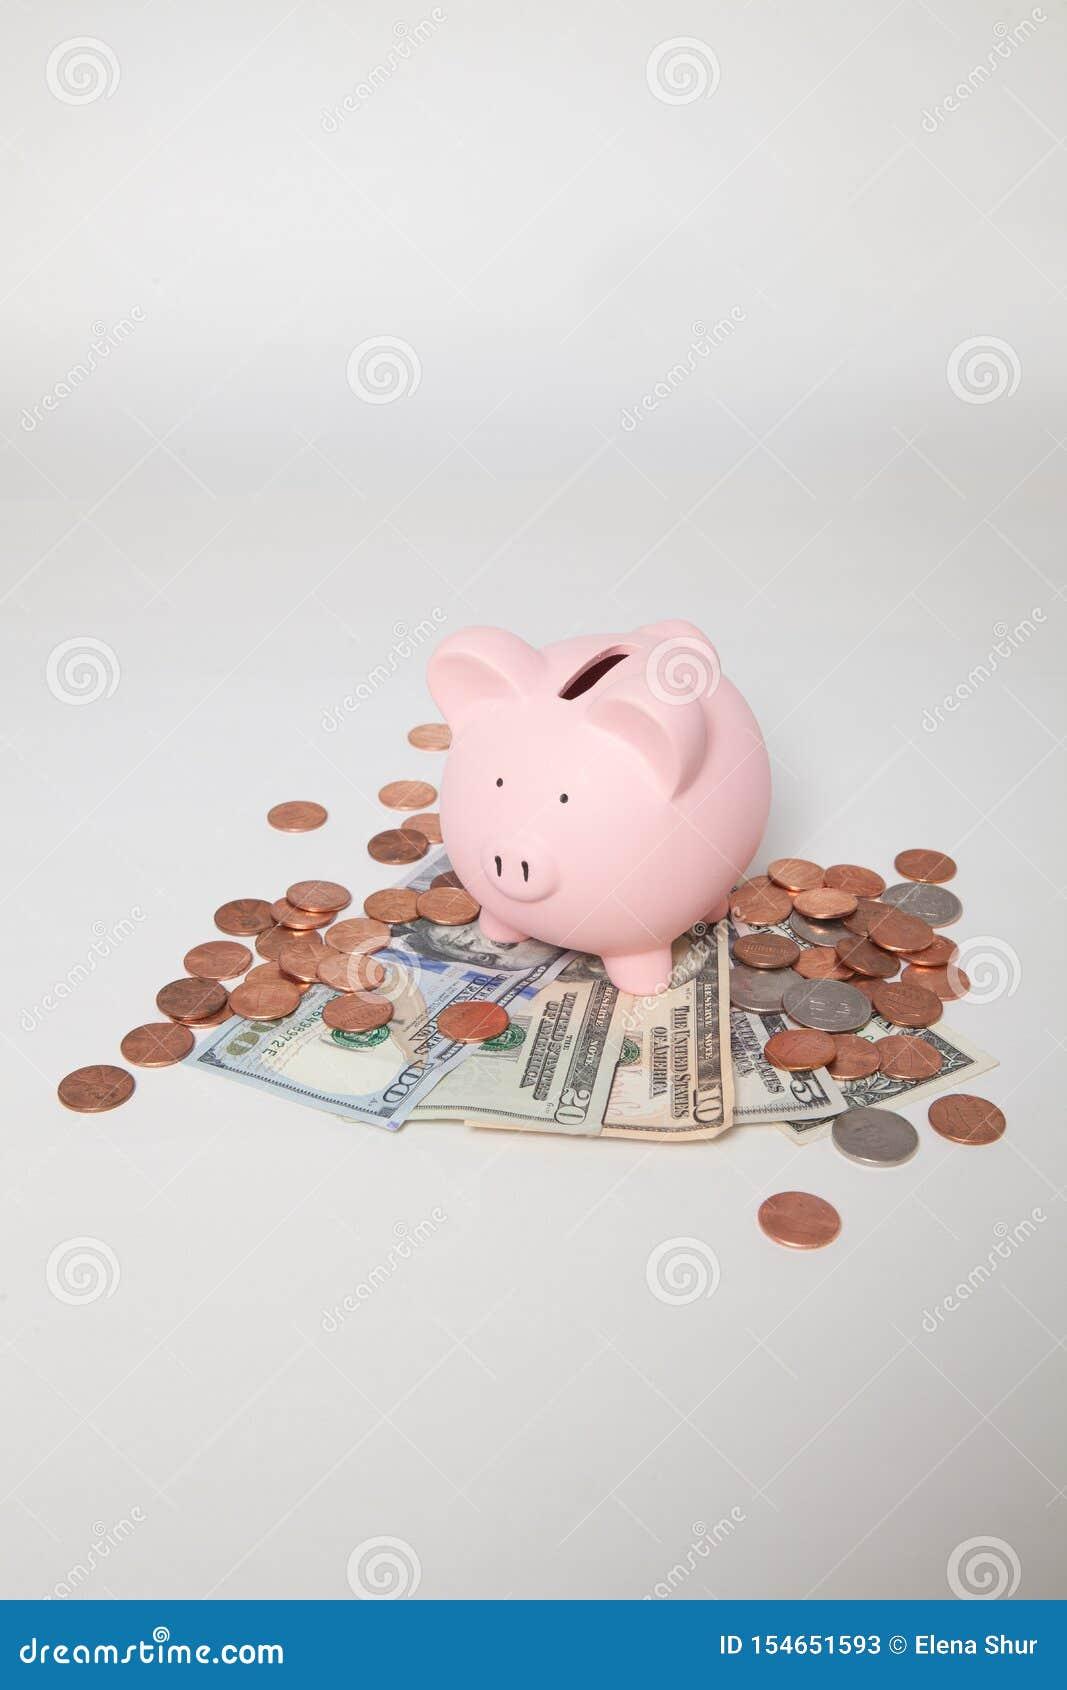 堆的存钱罐票据和硬币